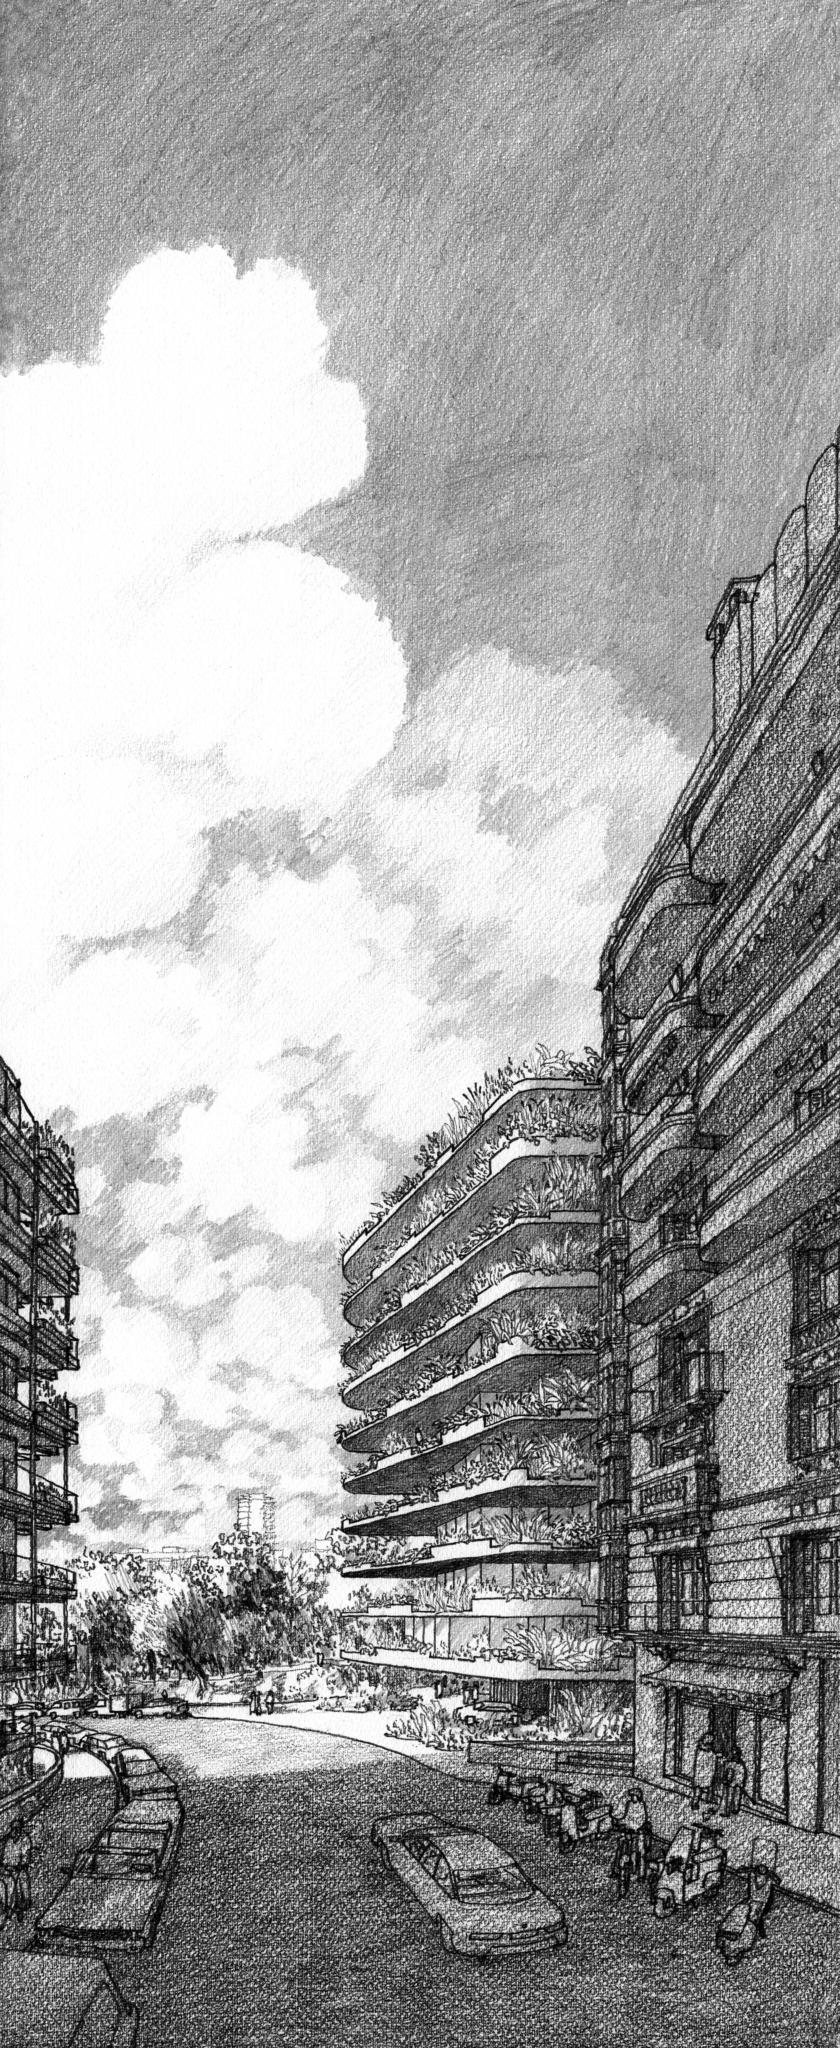 rue-de-la-madone-daniloz